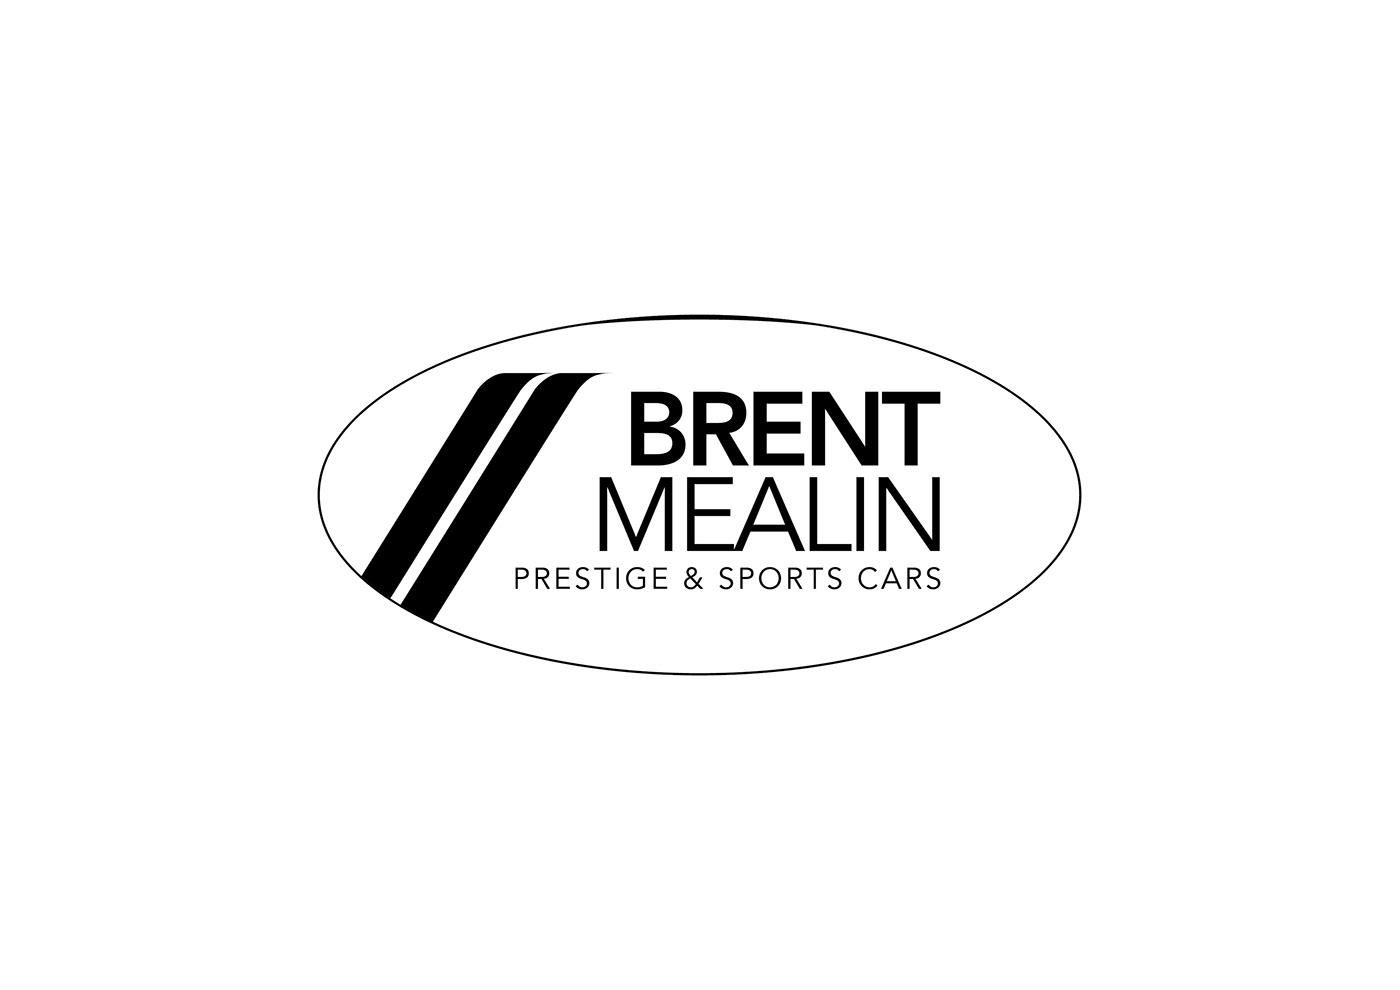 Brent Mealin Rebrand On Behance